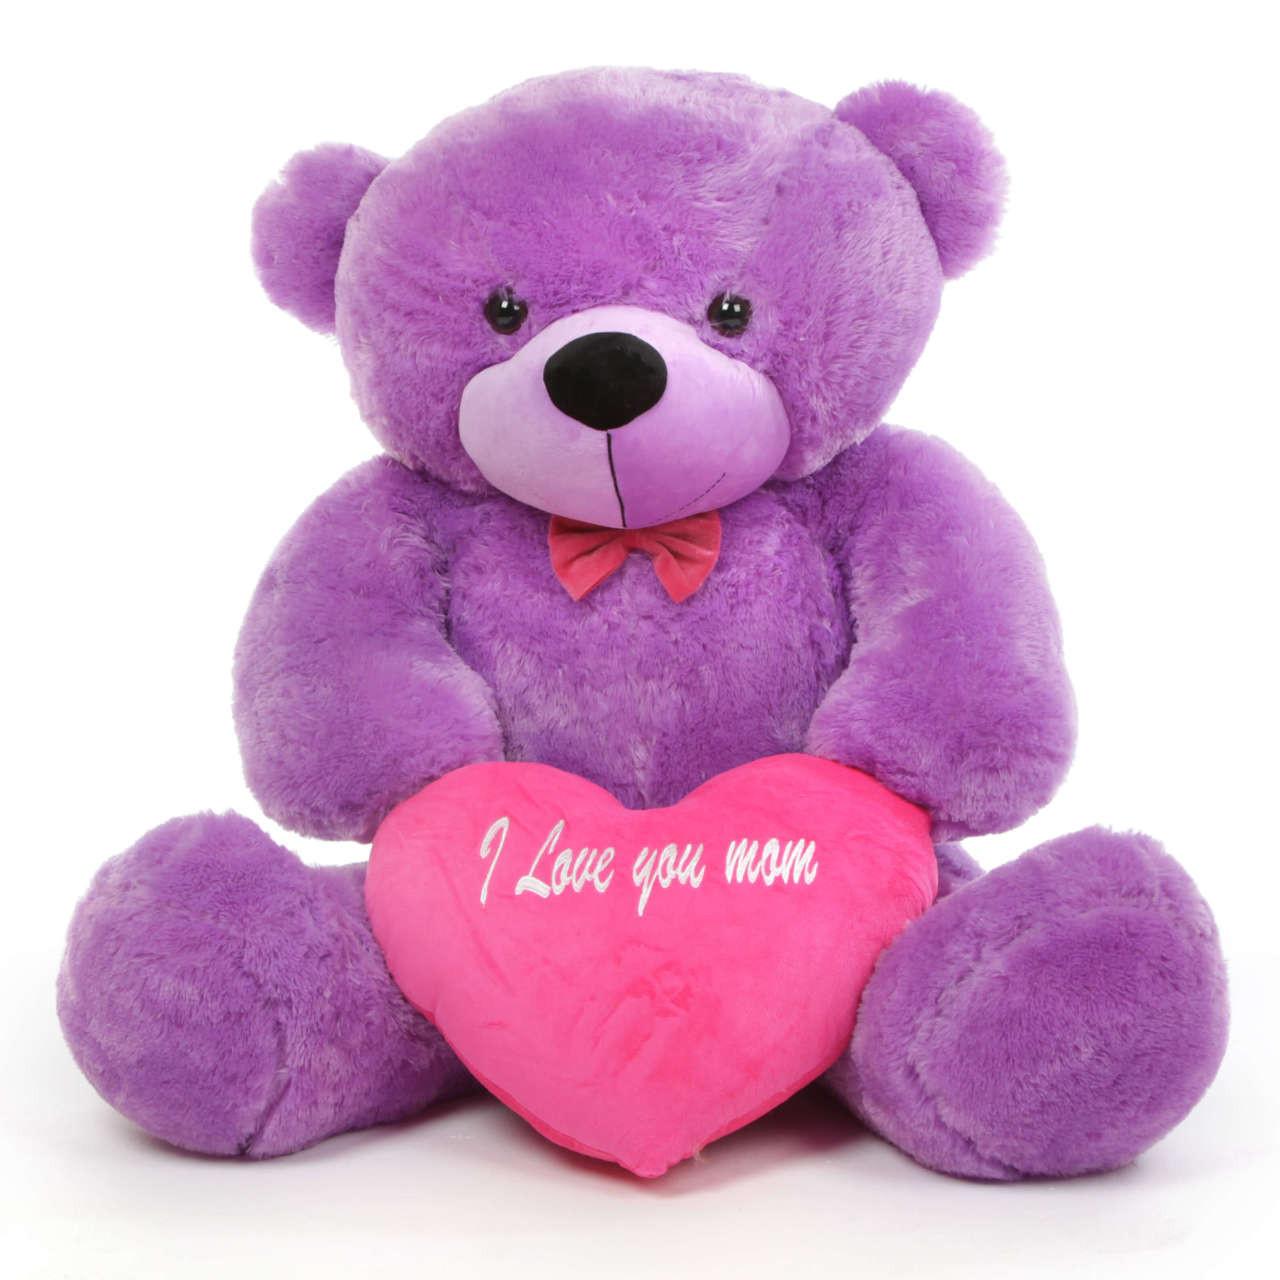 DeeDee M Cuddles 48 Purple Teddy Bear W I Love You Mom